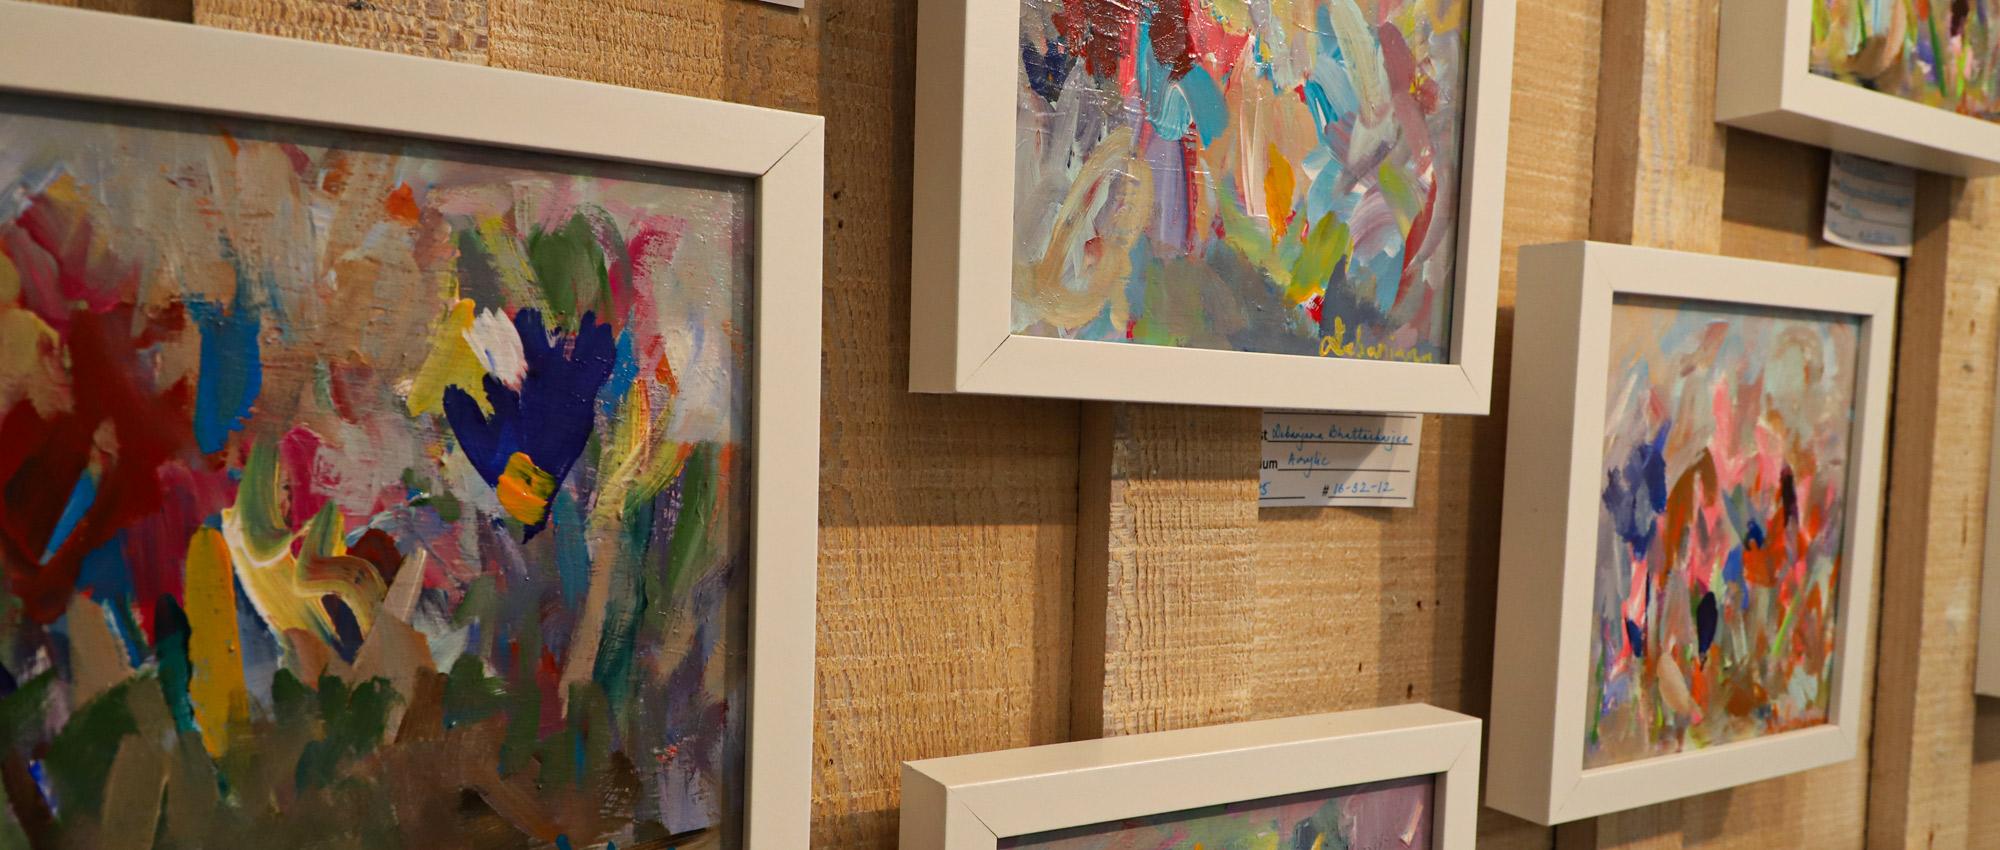 Georgetown Art Gallery